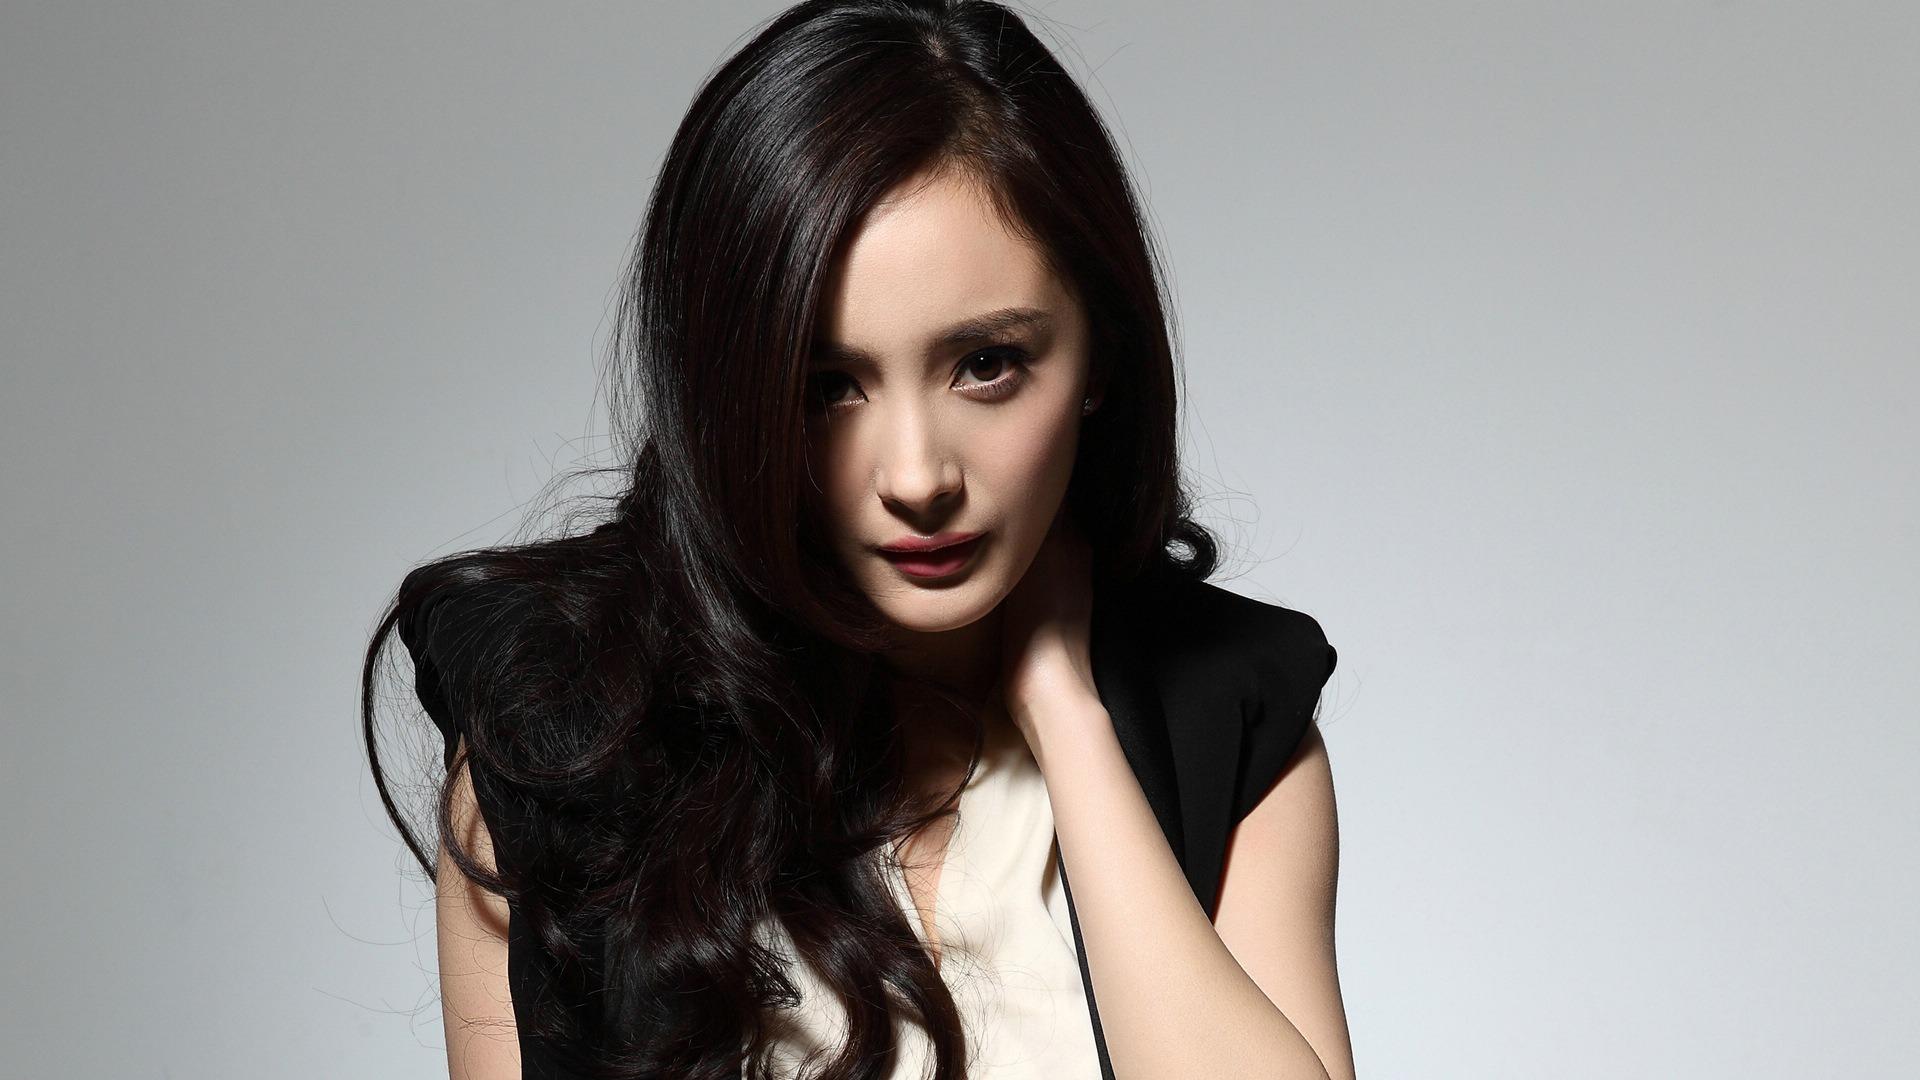 杨幂 中国明星美女演员高清写真壁纸预览 10wallpaper Com